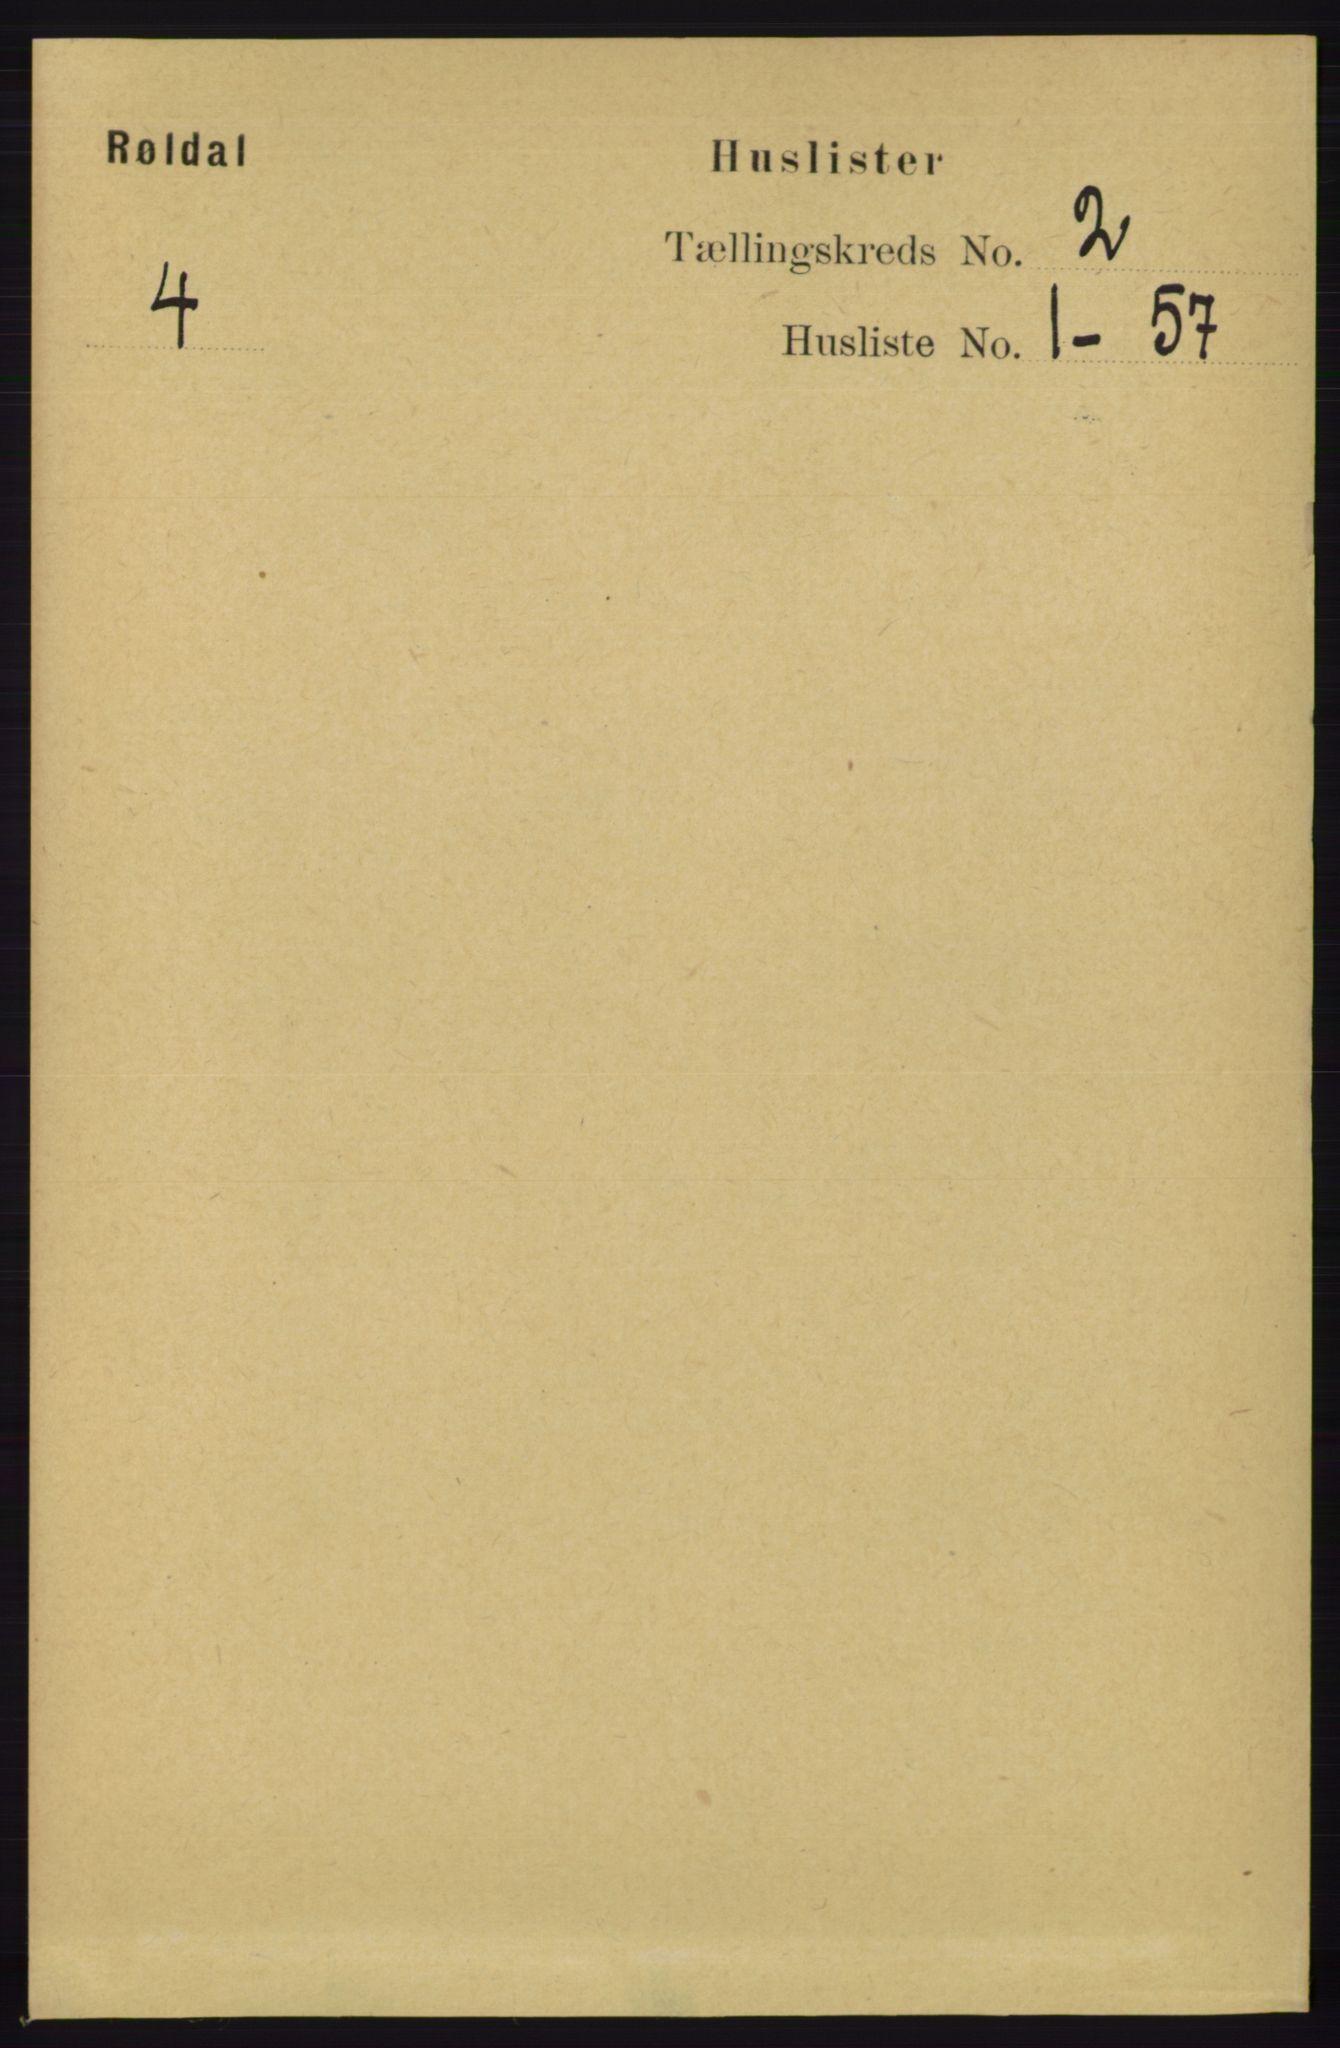 RA, Folketelling 1891 for 1229 Røldal herred, 1891, s. 471